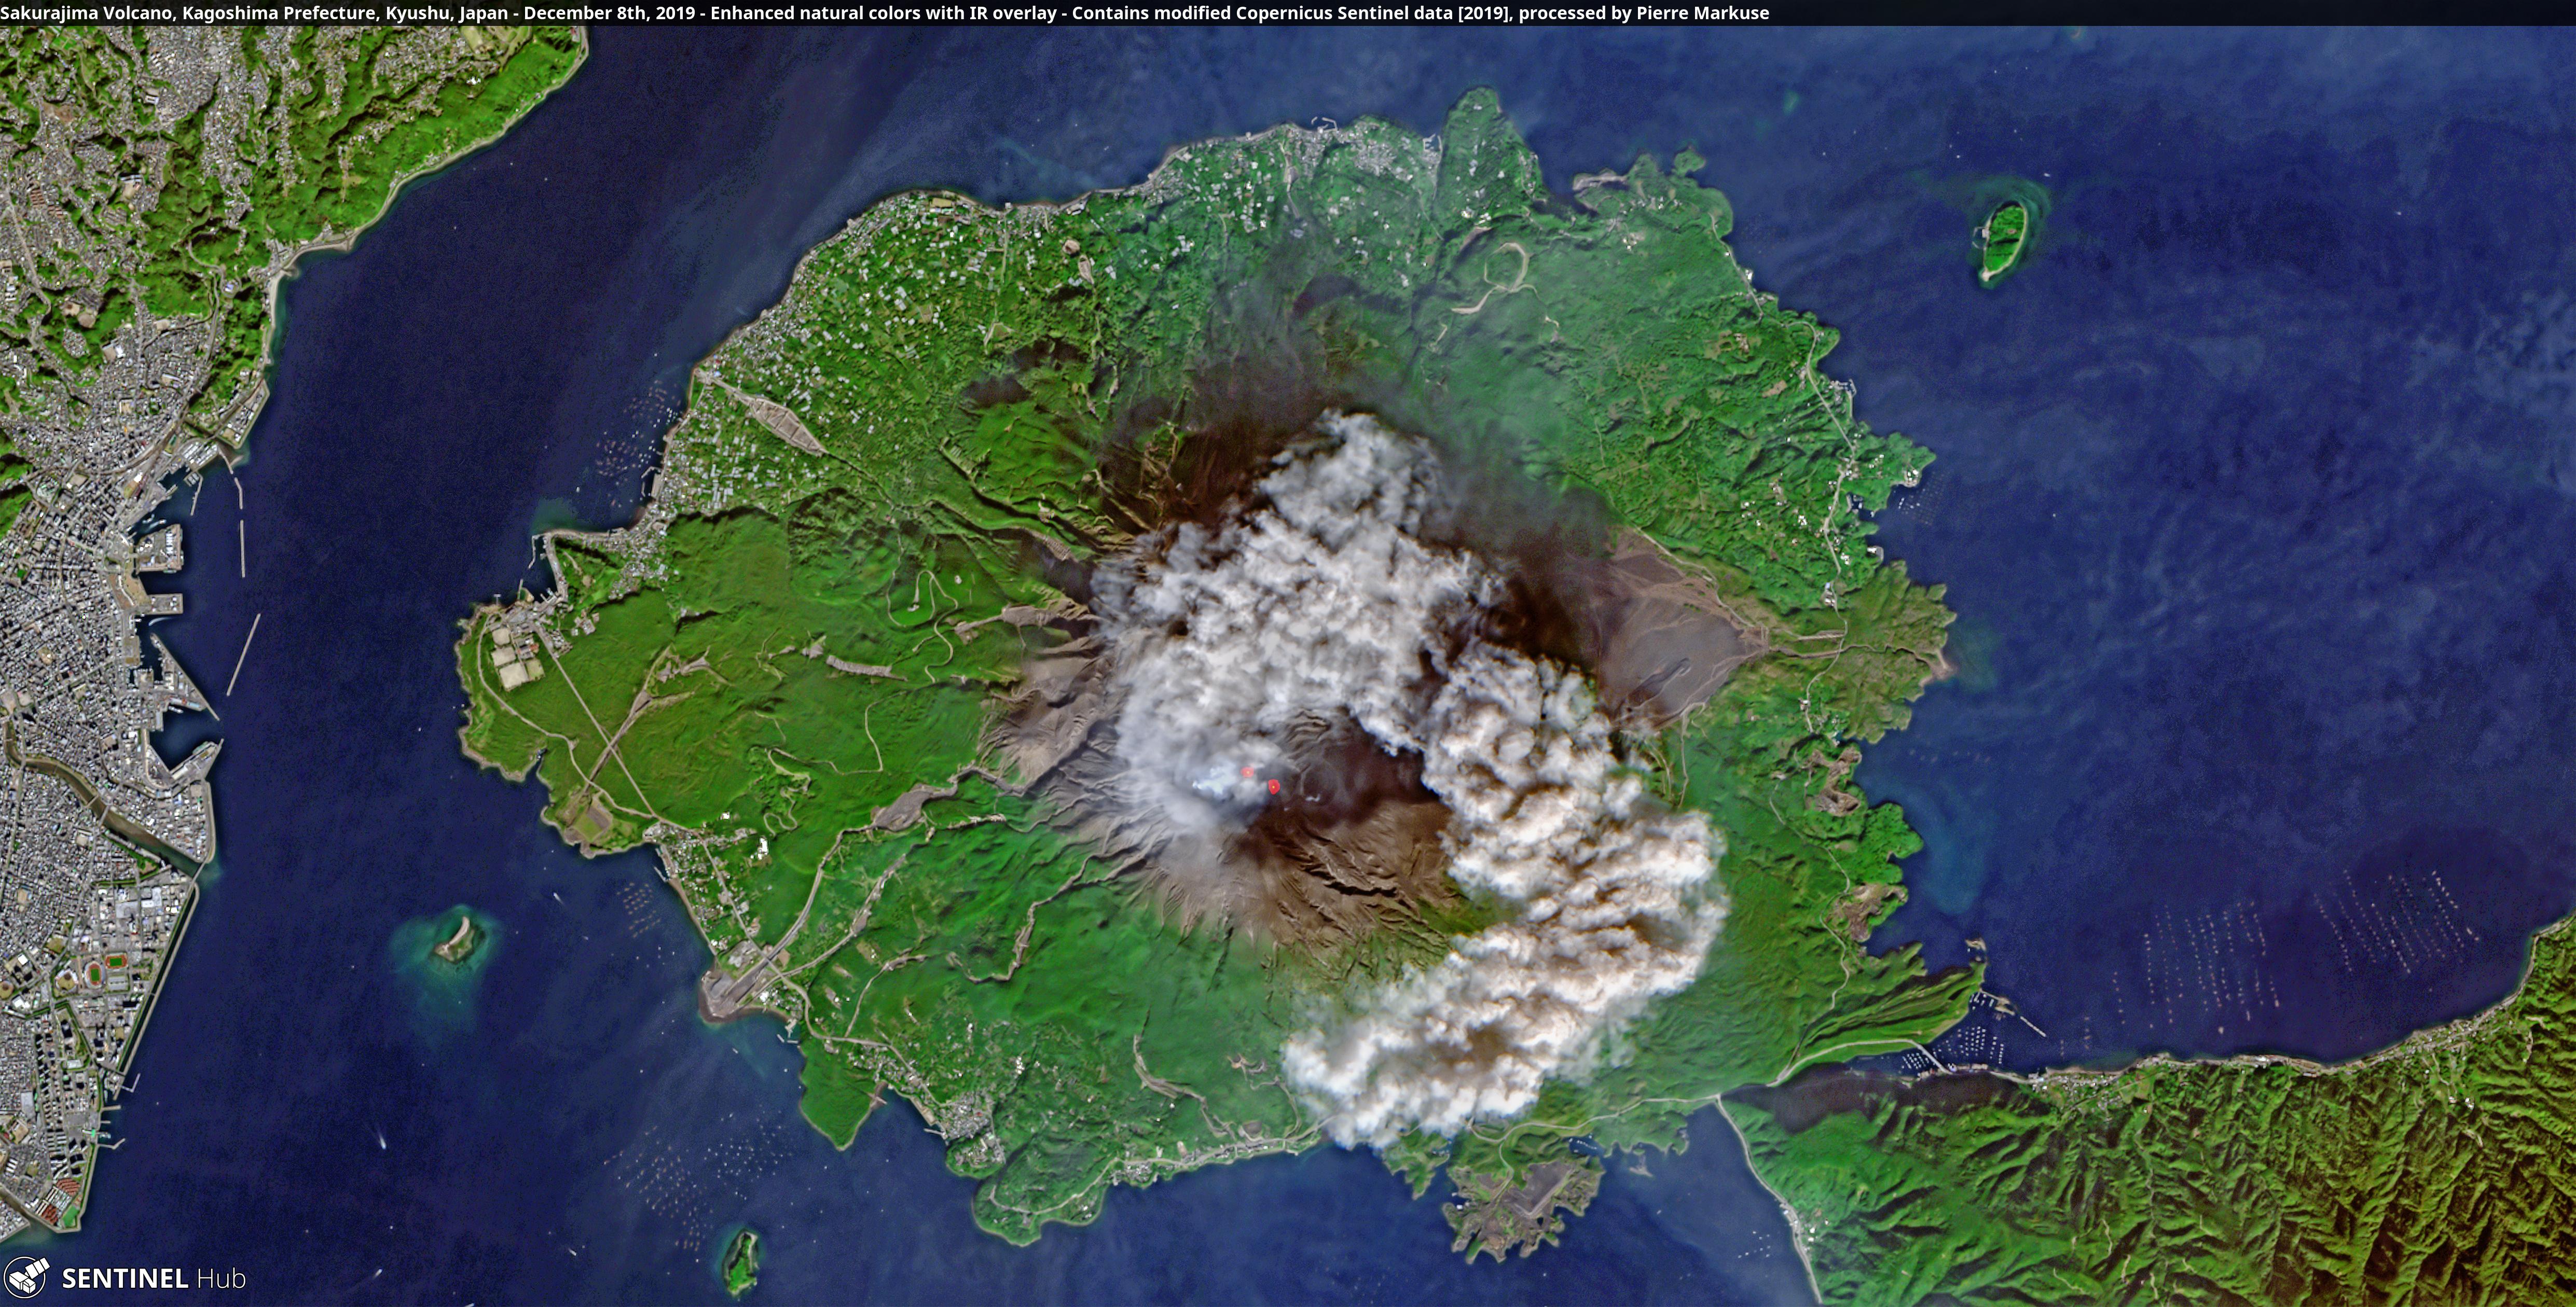 Sakurajima Volcano, Kagoshima Prefecture, Kyushu, Japan - December 8th, 2019